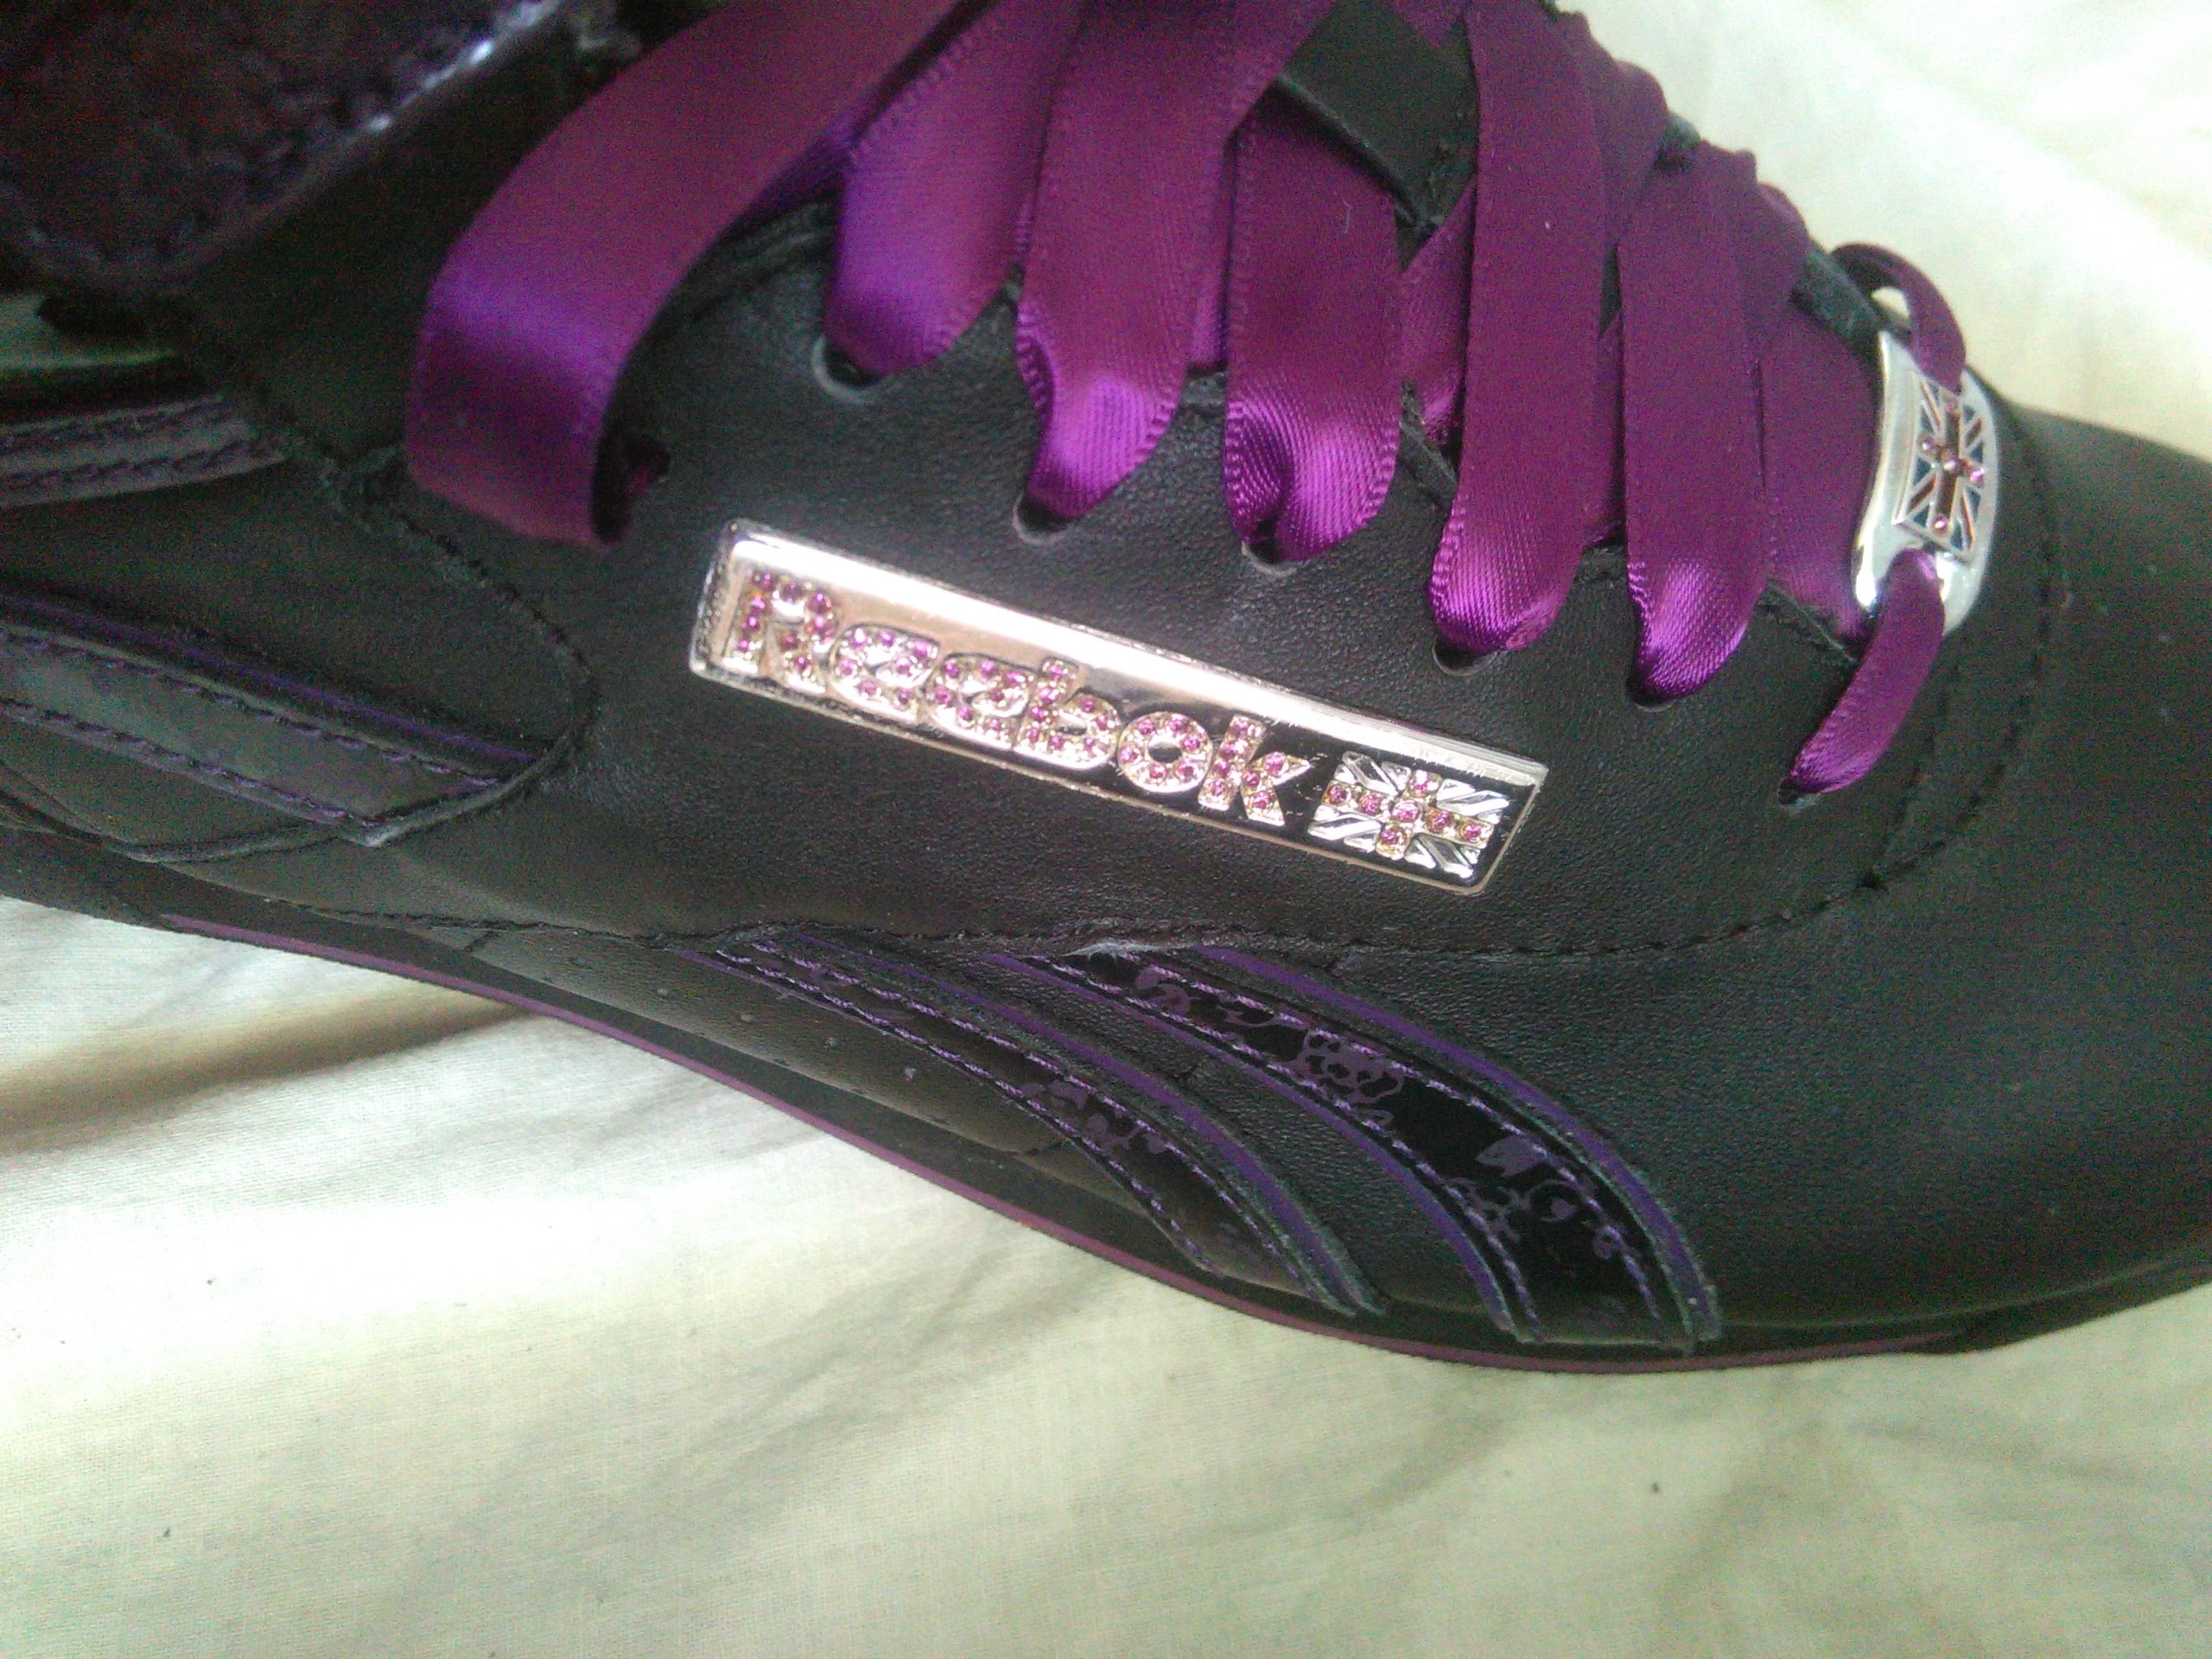 81a691b2 buty za kostke reebok classic high 38 24cm jesień - 7608224218 - oficjalne  archiwum allegro